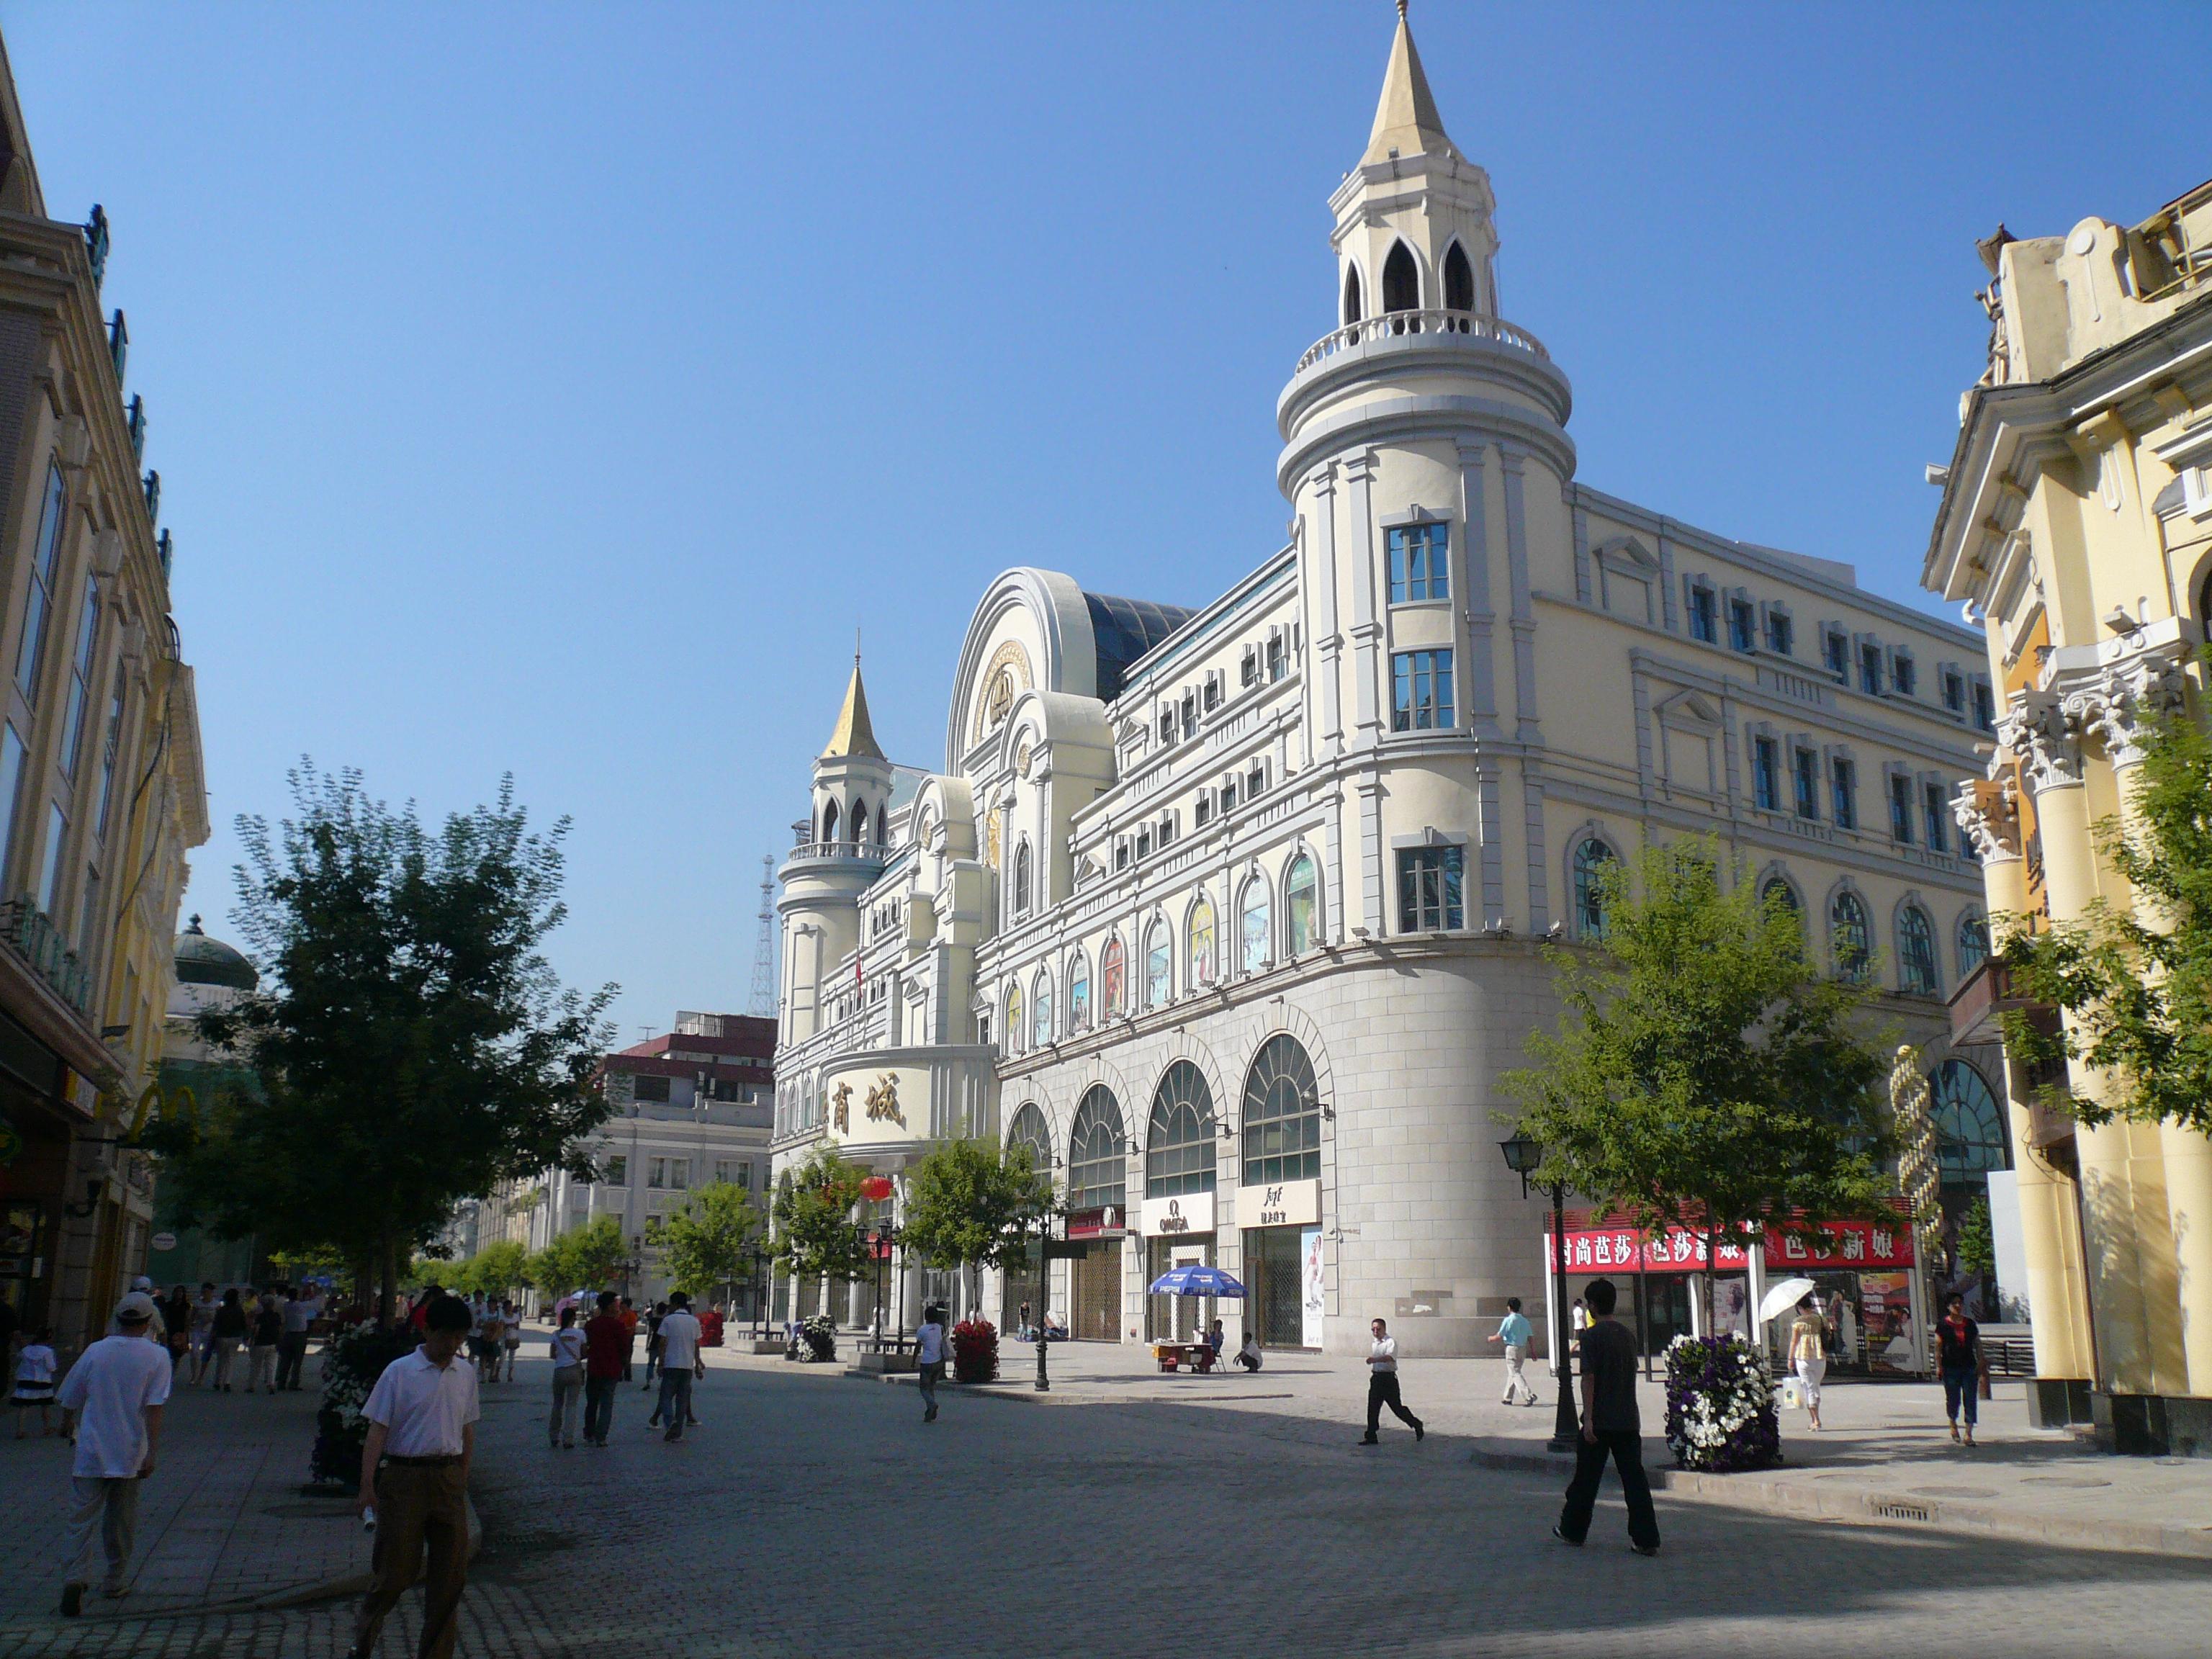 File:Daoli, Harbin, Heilongjiang, China